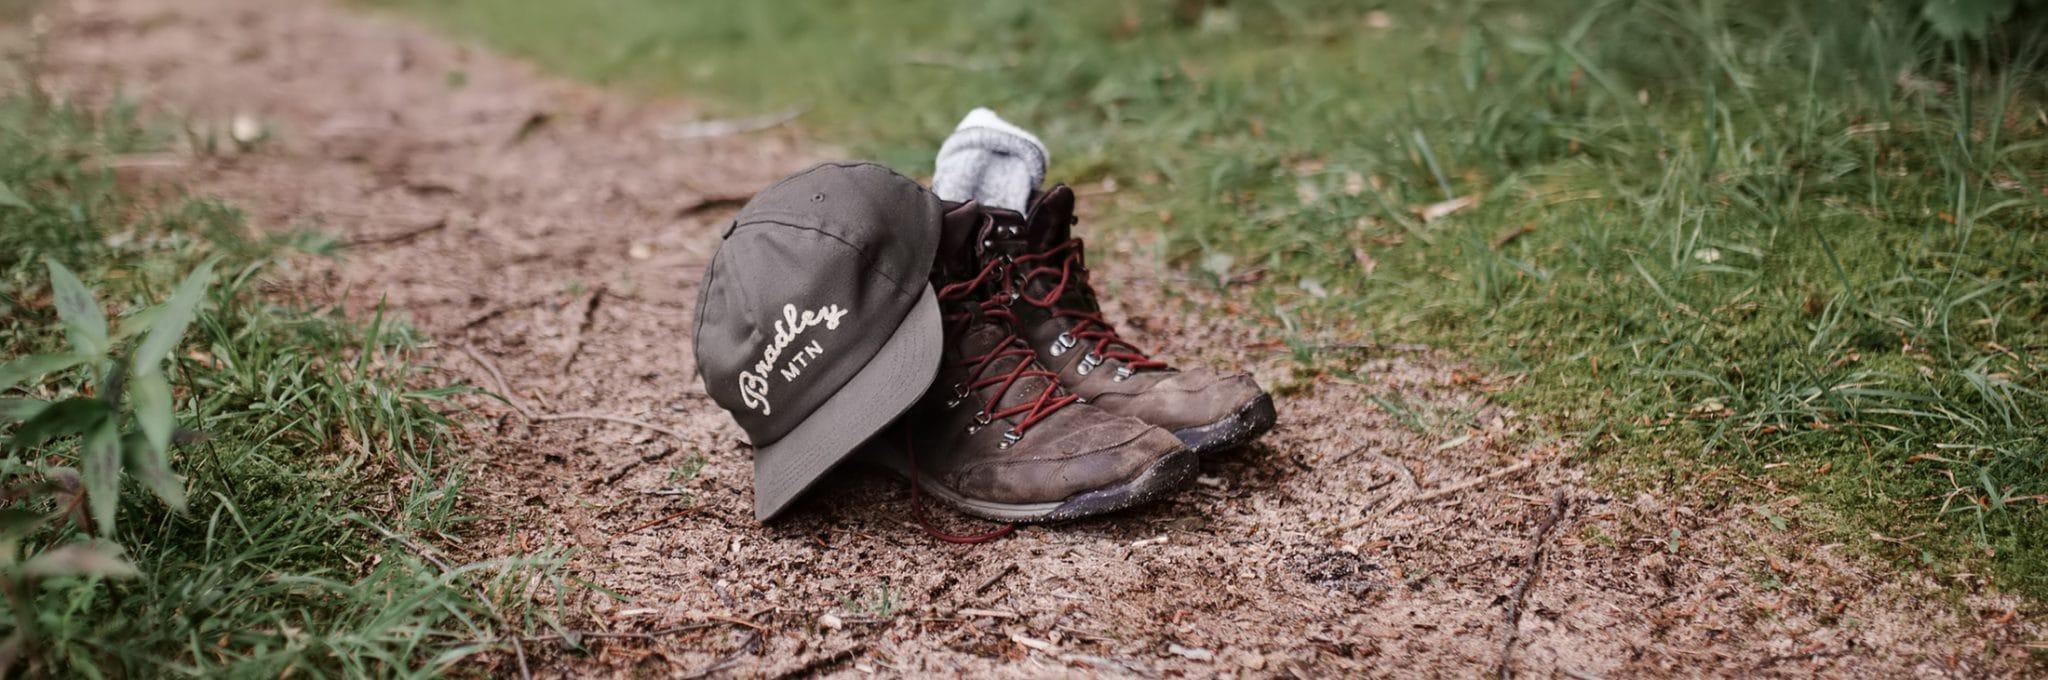 Ta vare på turskoene, hvordan vedlikeholde turskoene, vedlikehold av turskoene, vedlikeholde Gore Tex sko, impregnering av turskoene